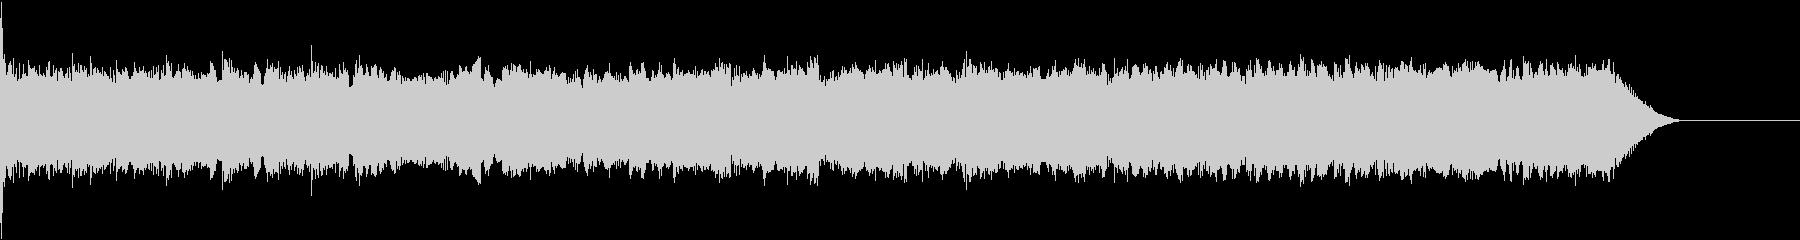 ゲーム:ピコピコしている音2の未再生の波形